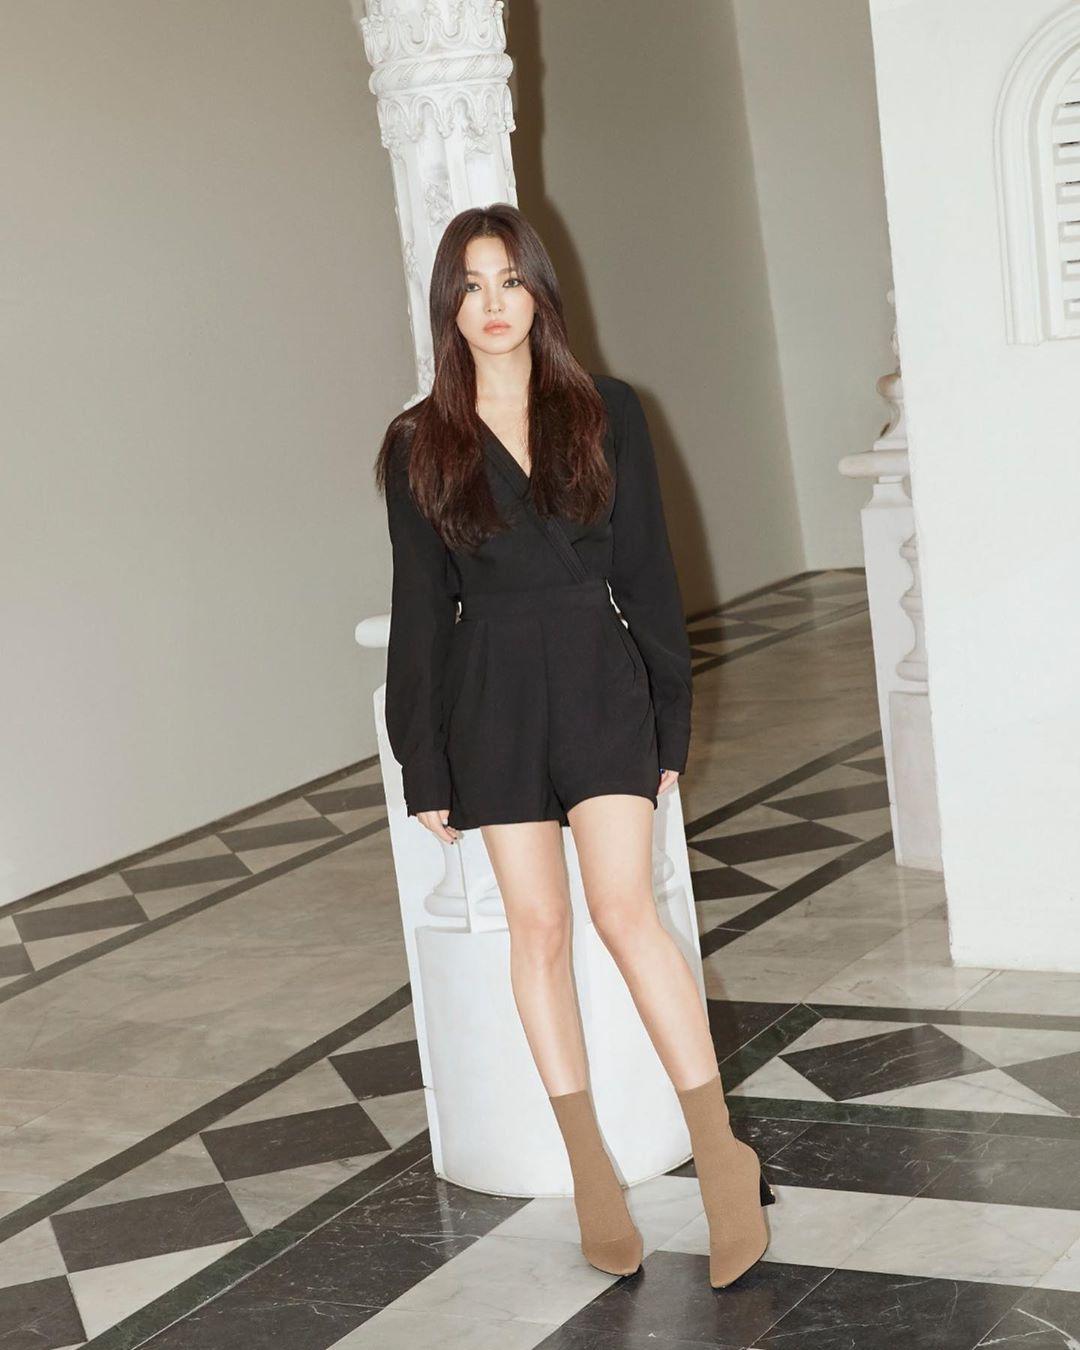 song hye kyo 2019 post 7